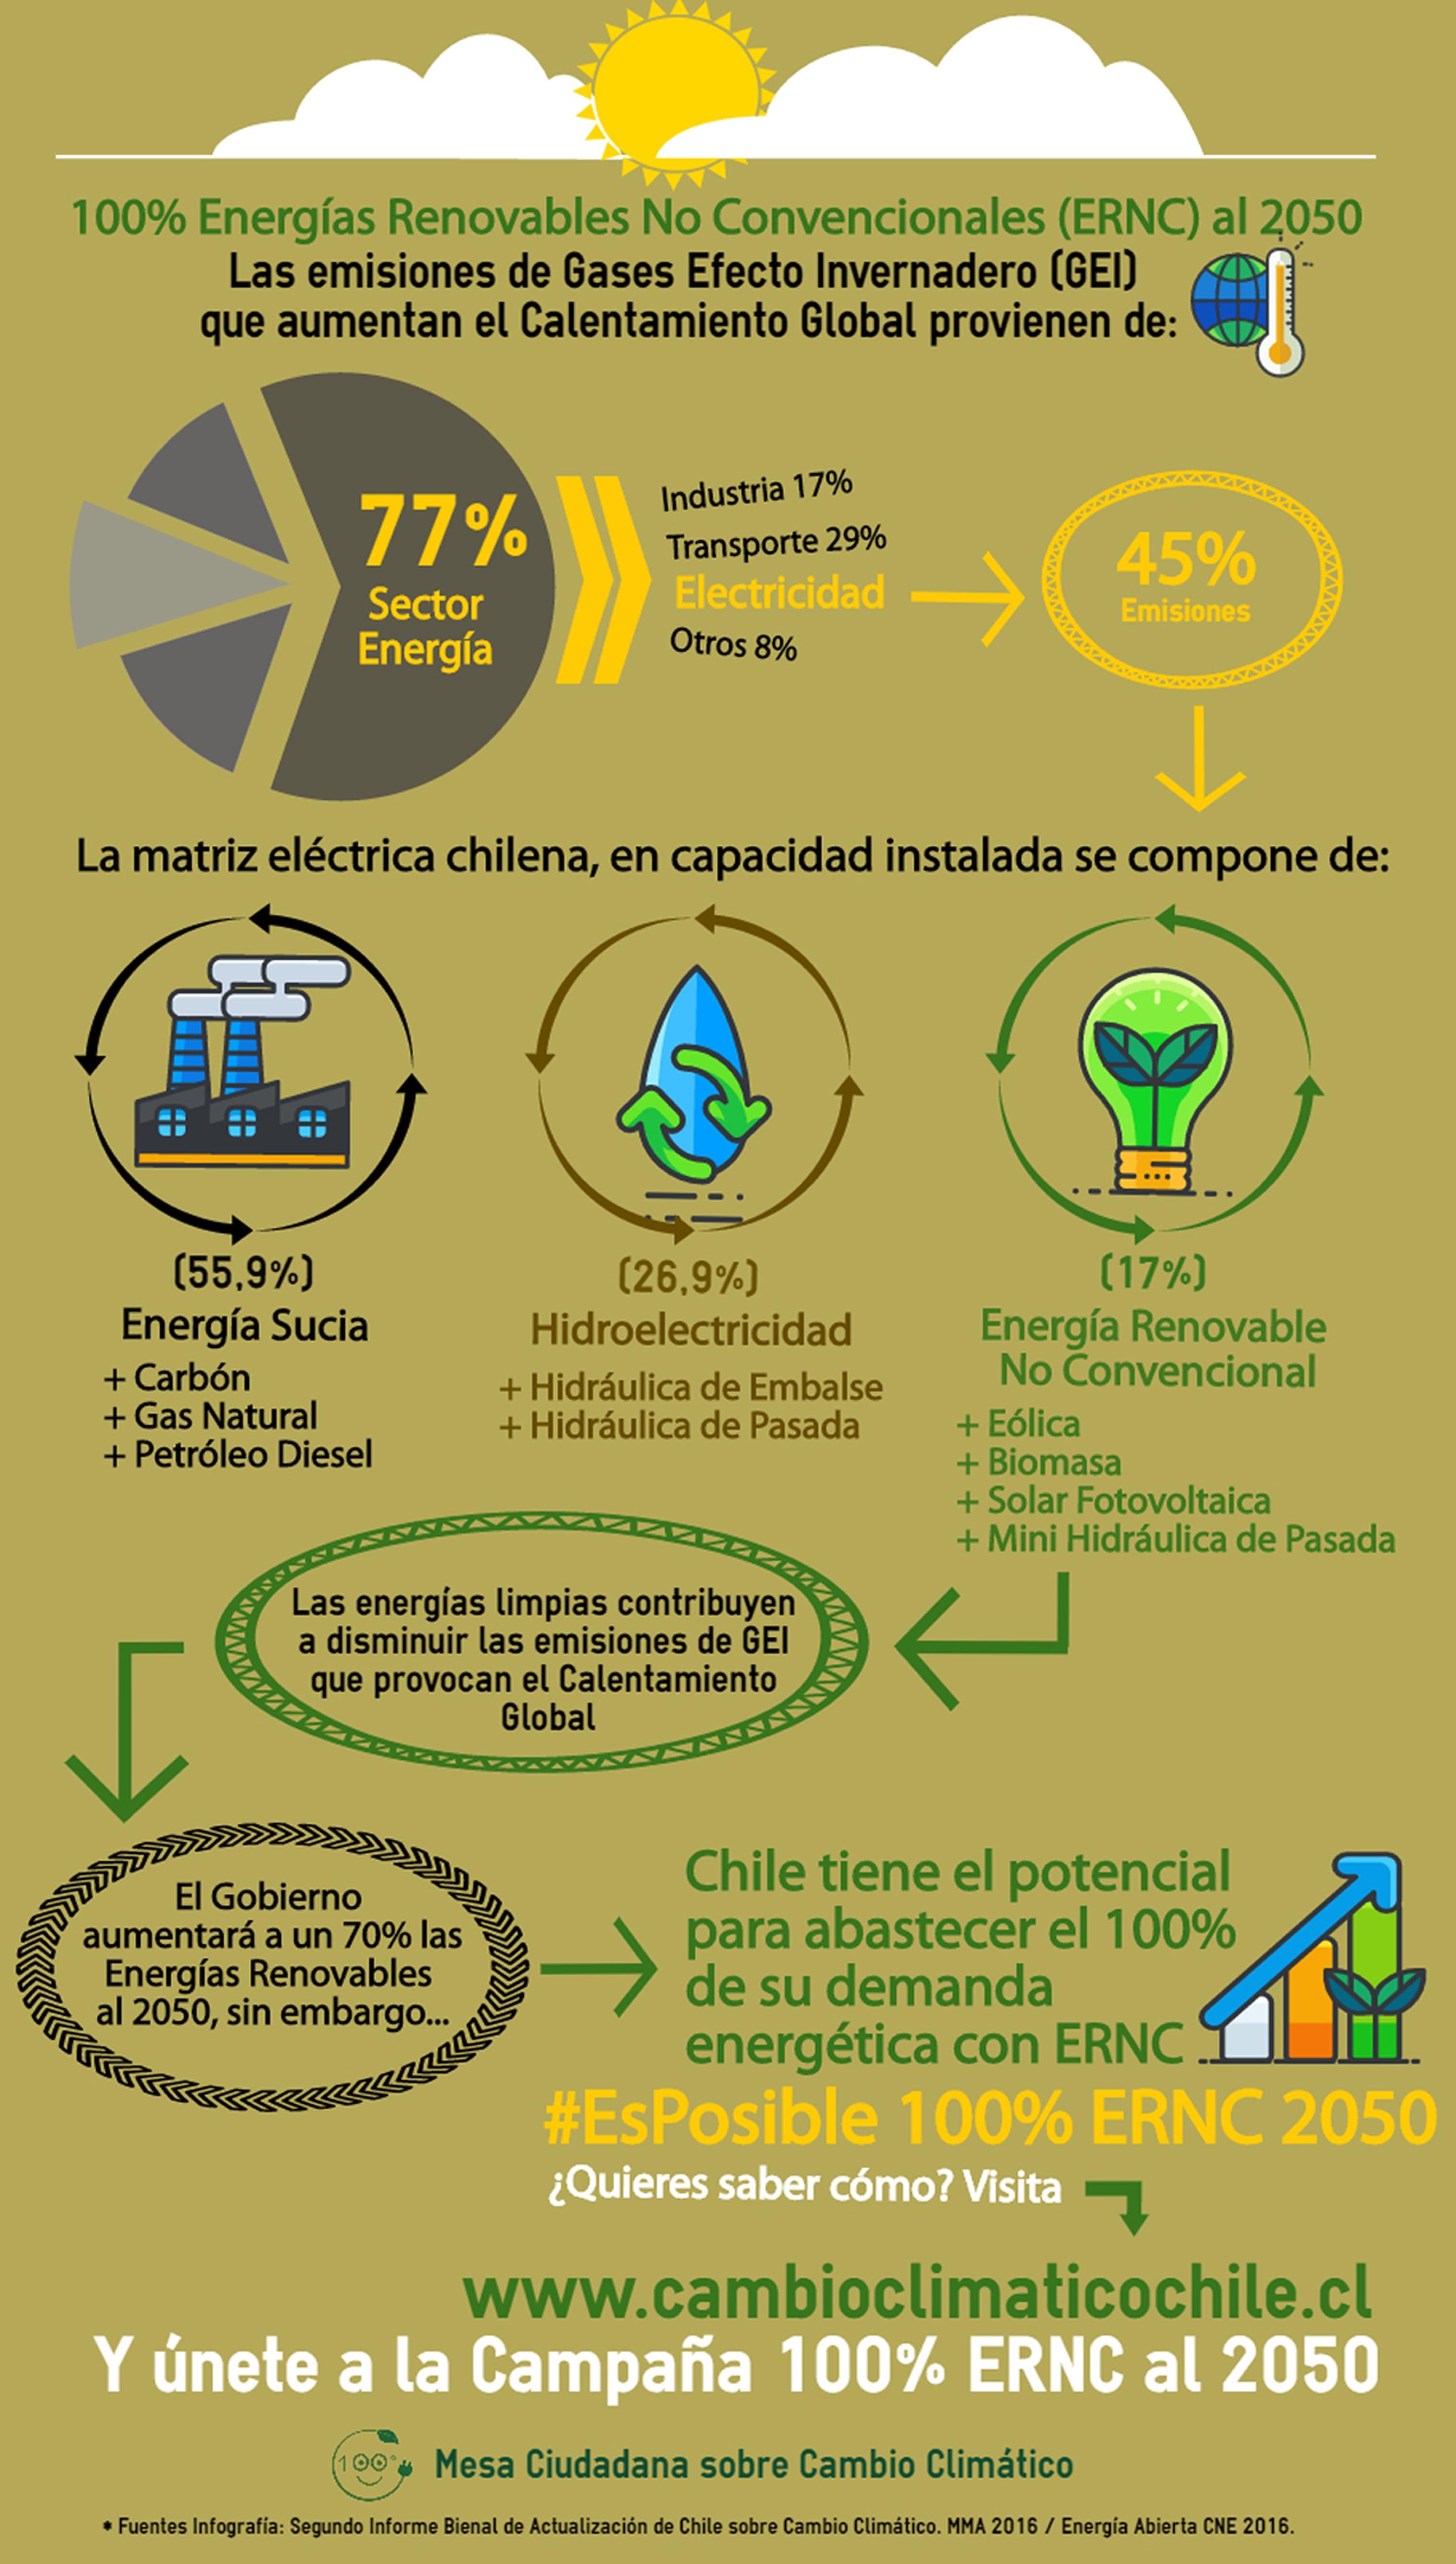 Infografía (1) Campaña 100% ERNC al 2050 - 2500x4400